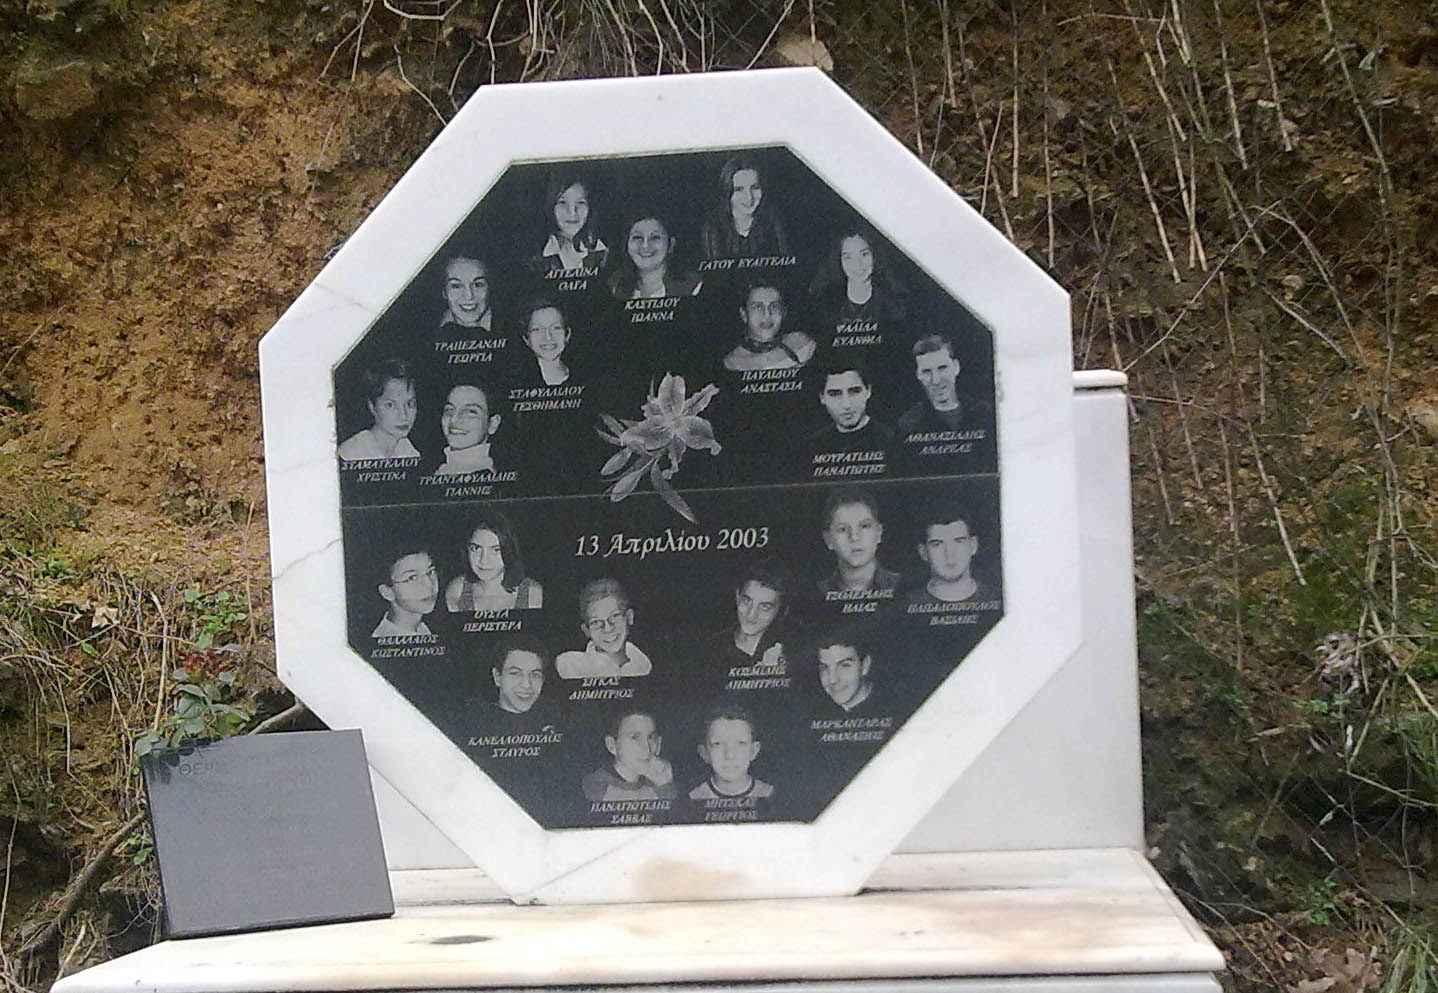 13 Απριλίου 2003: 21 μαθητές νεκροί στην κοιλάδα των Τεμπών | Νόστιμον ήμαρ